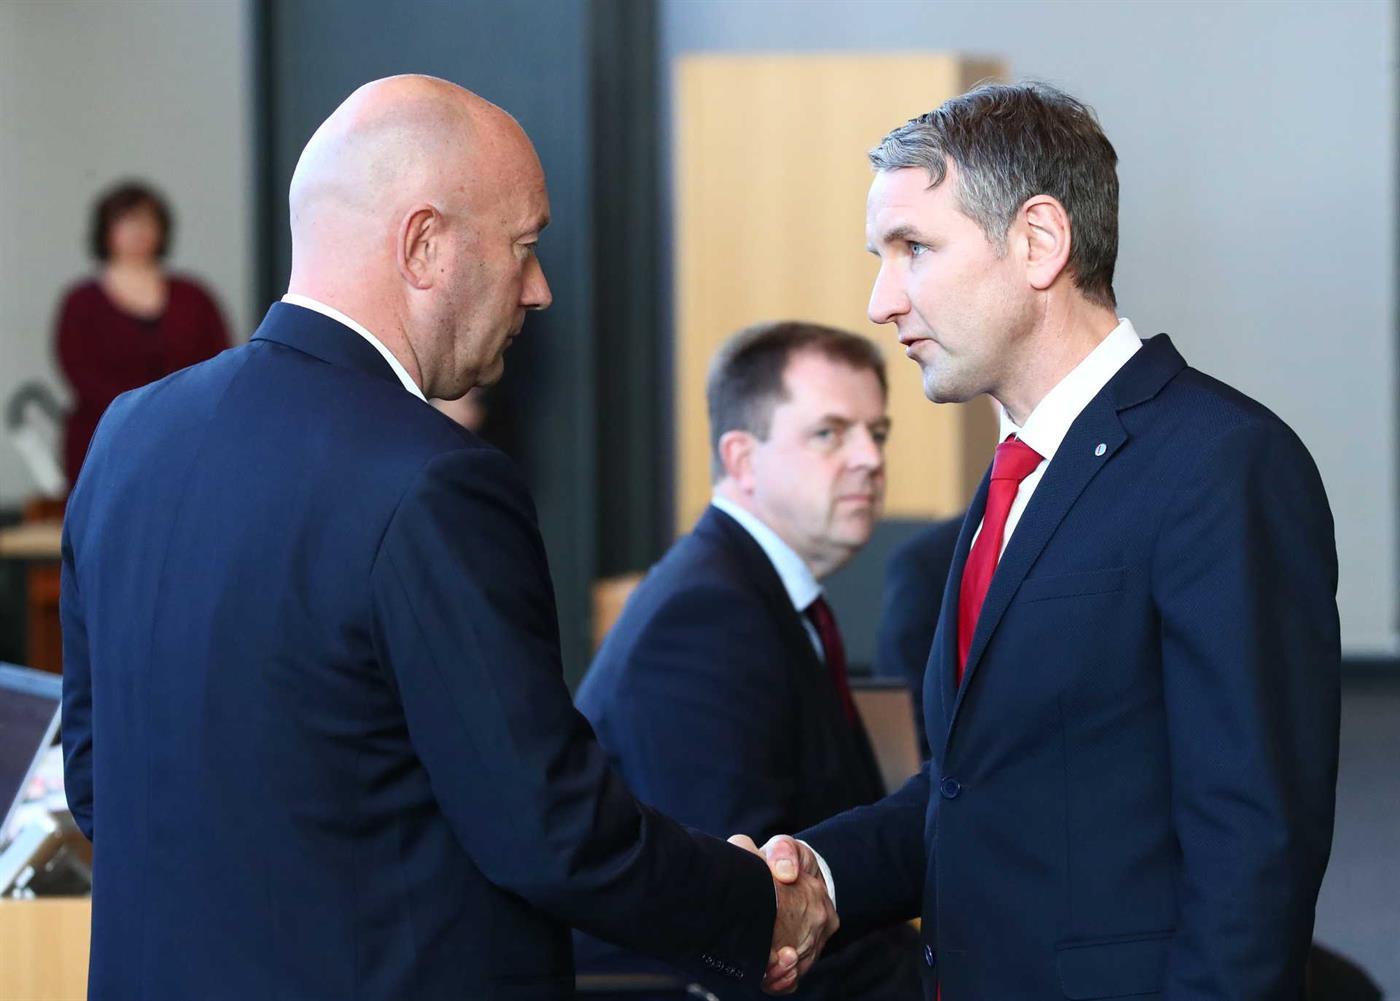 Após a eleição, Thomas Hemmerich recebe os cumprimentos do líder estadual da AfD, Björn Höcke.